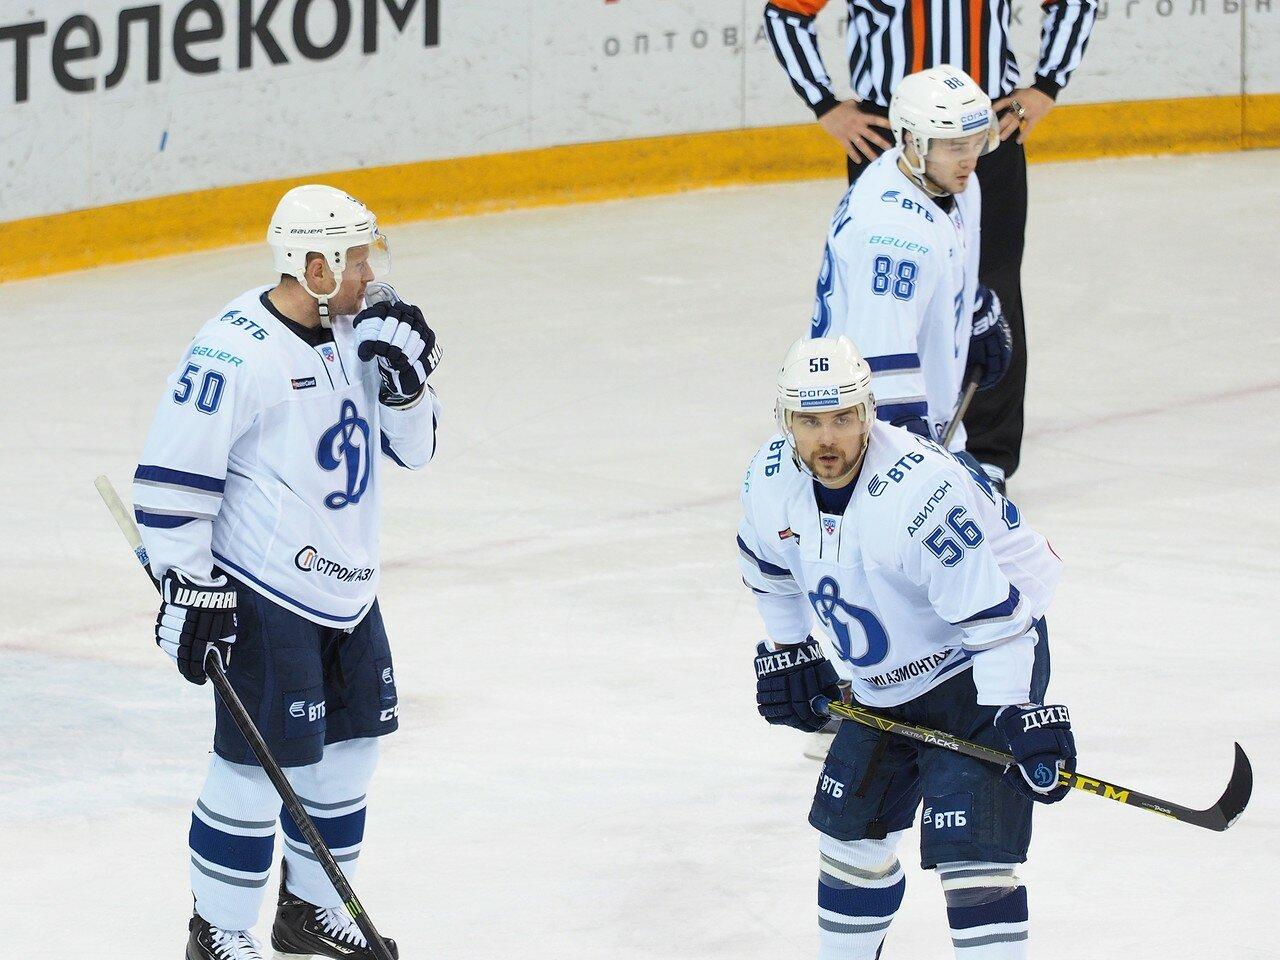 76Металлург - Динамо Москва 28.12.2015